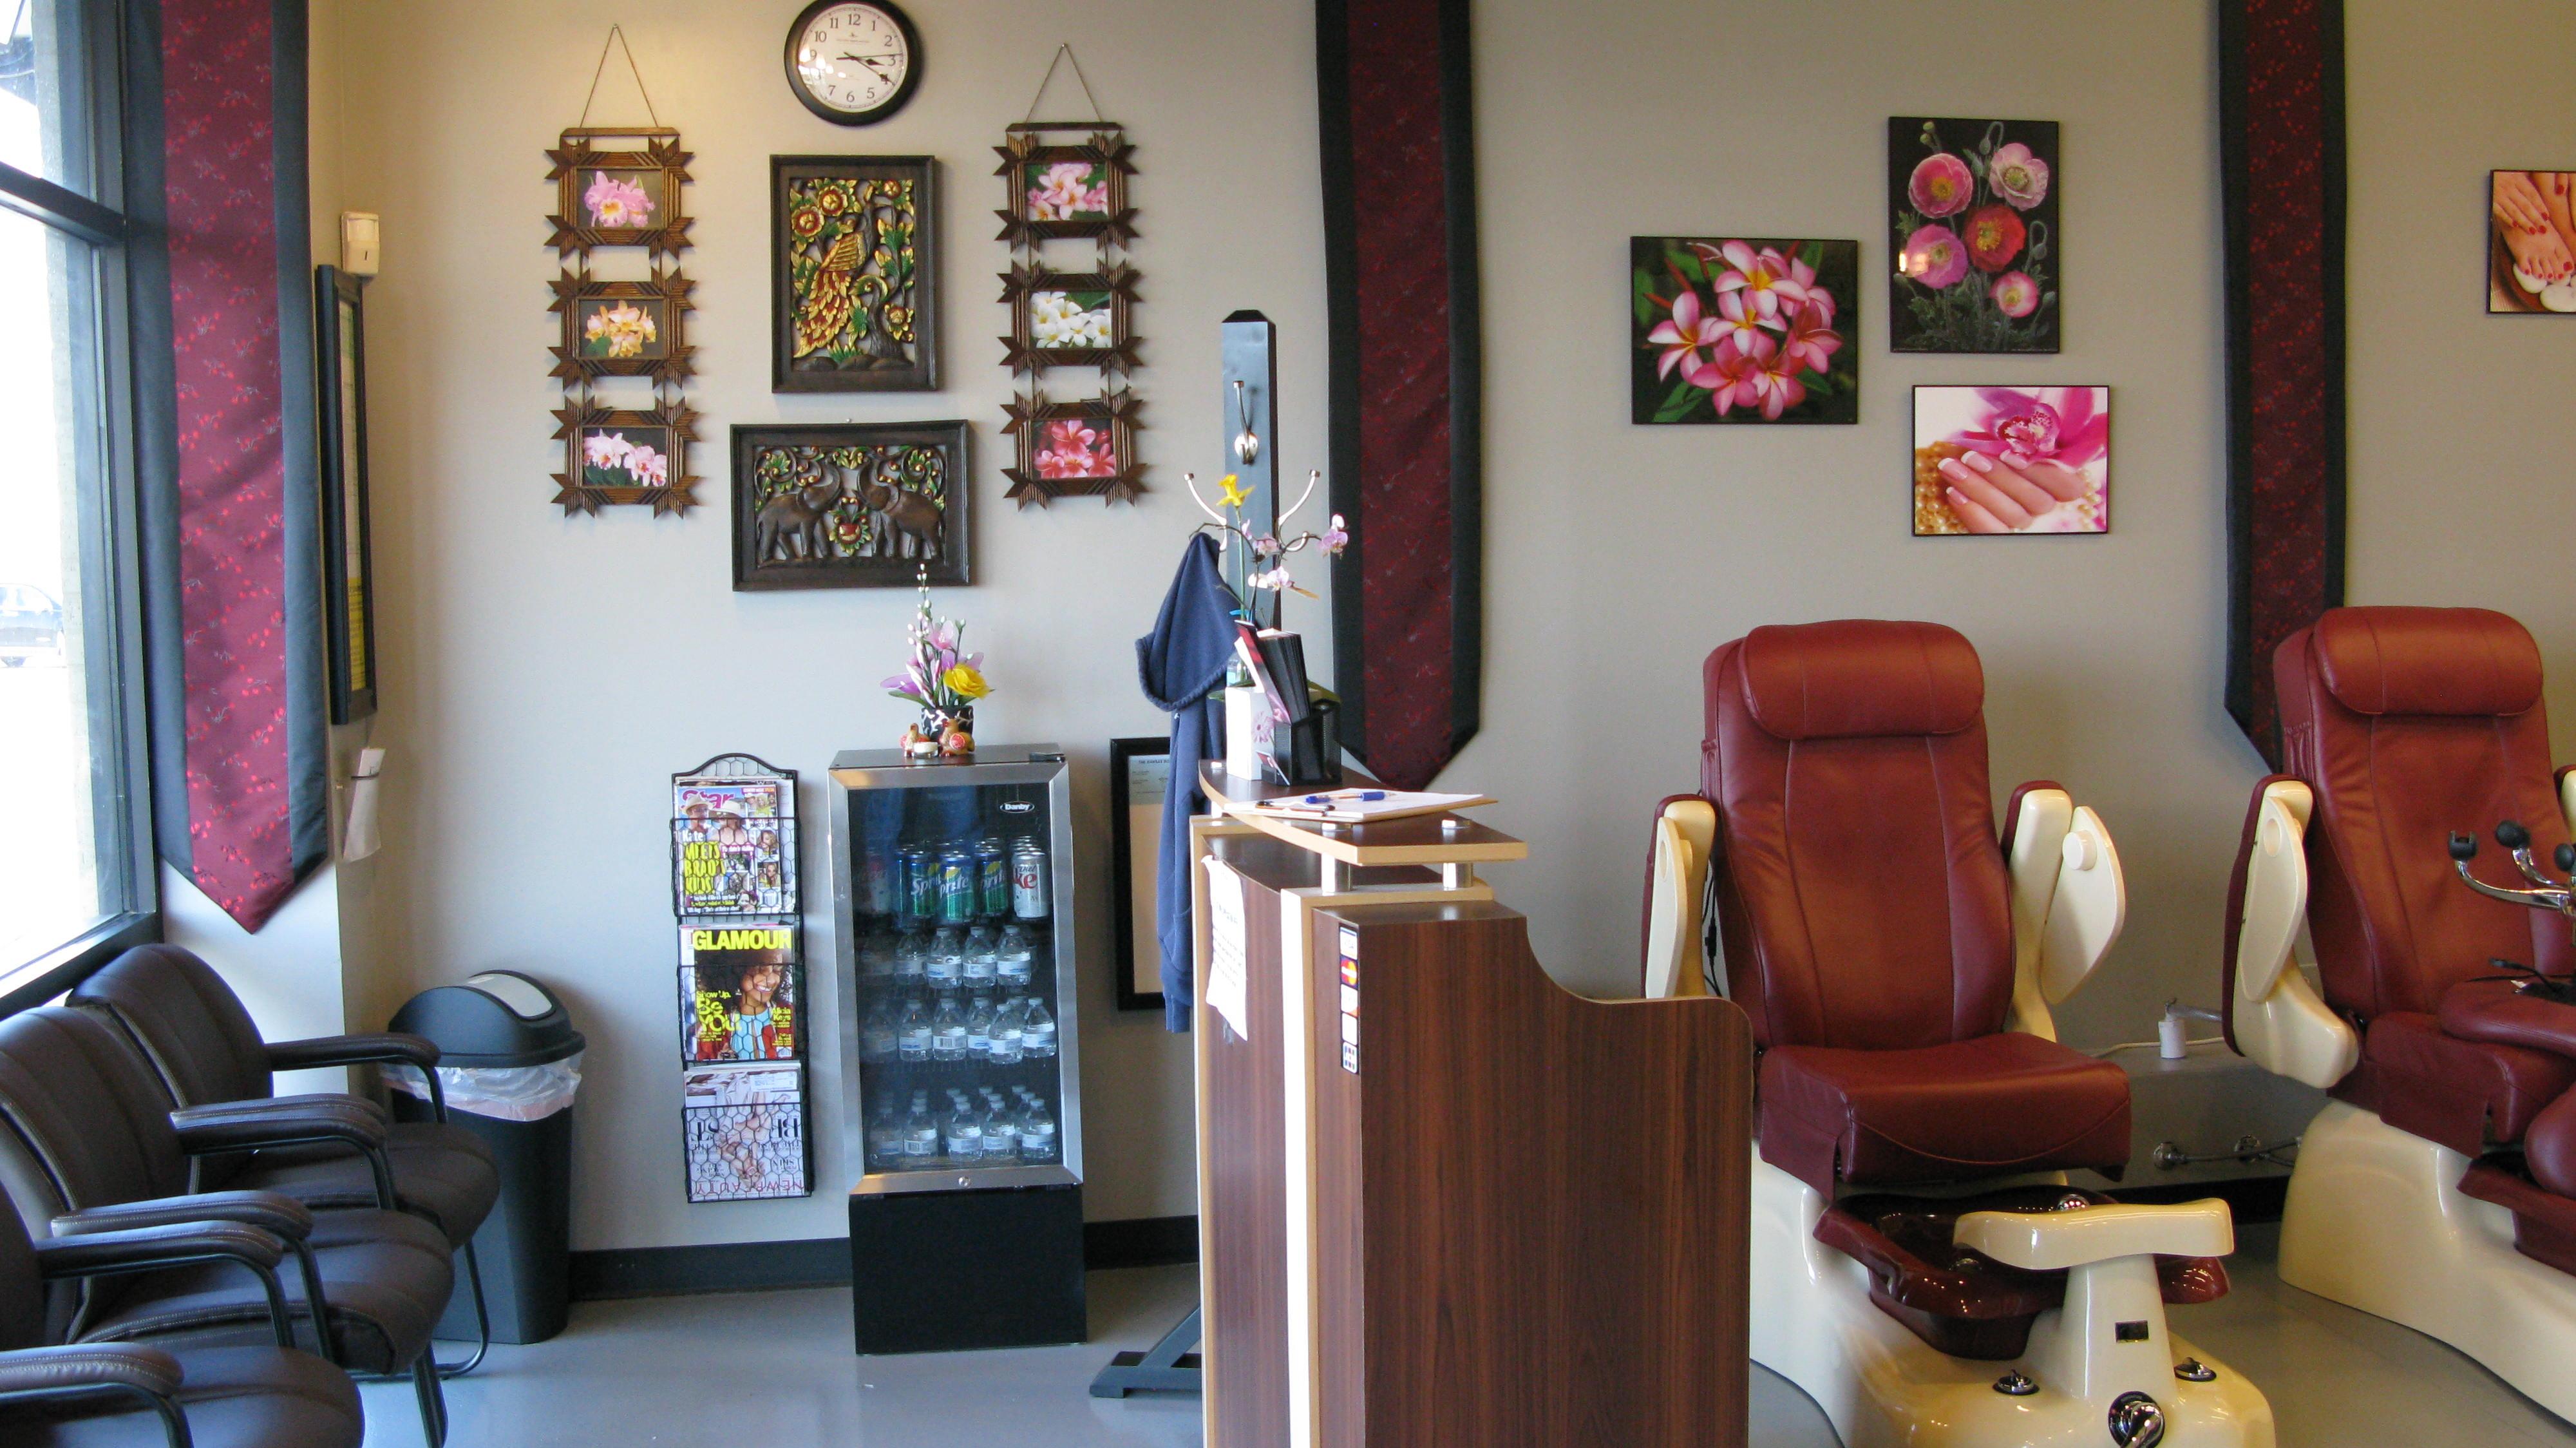 Nails Salon #1 15319 W 67th St, Shawnee, KS 66217 - YP.com